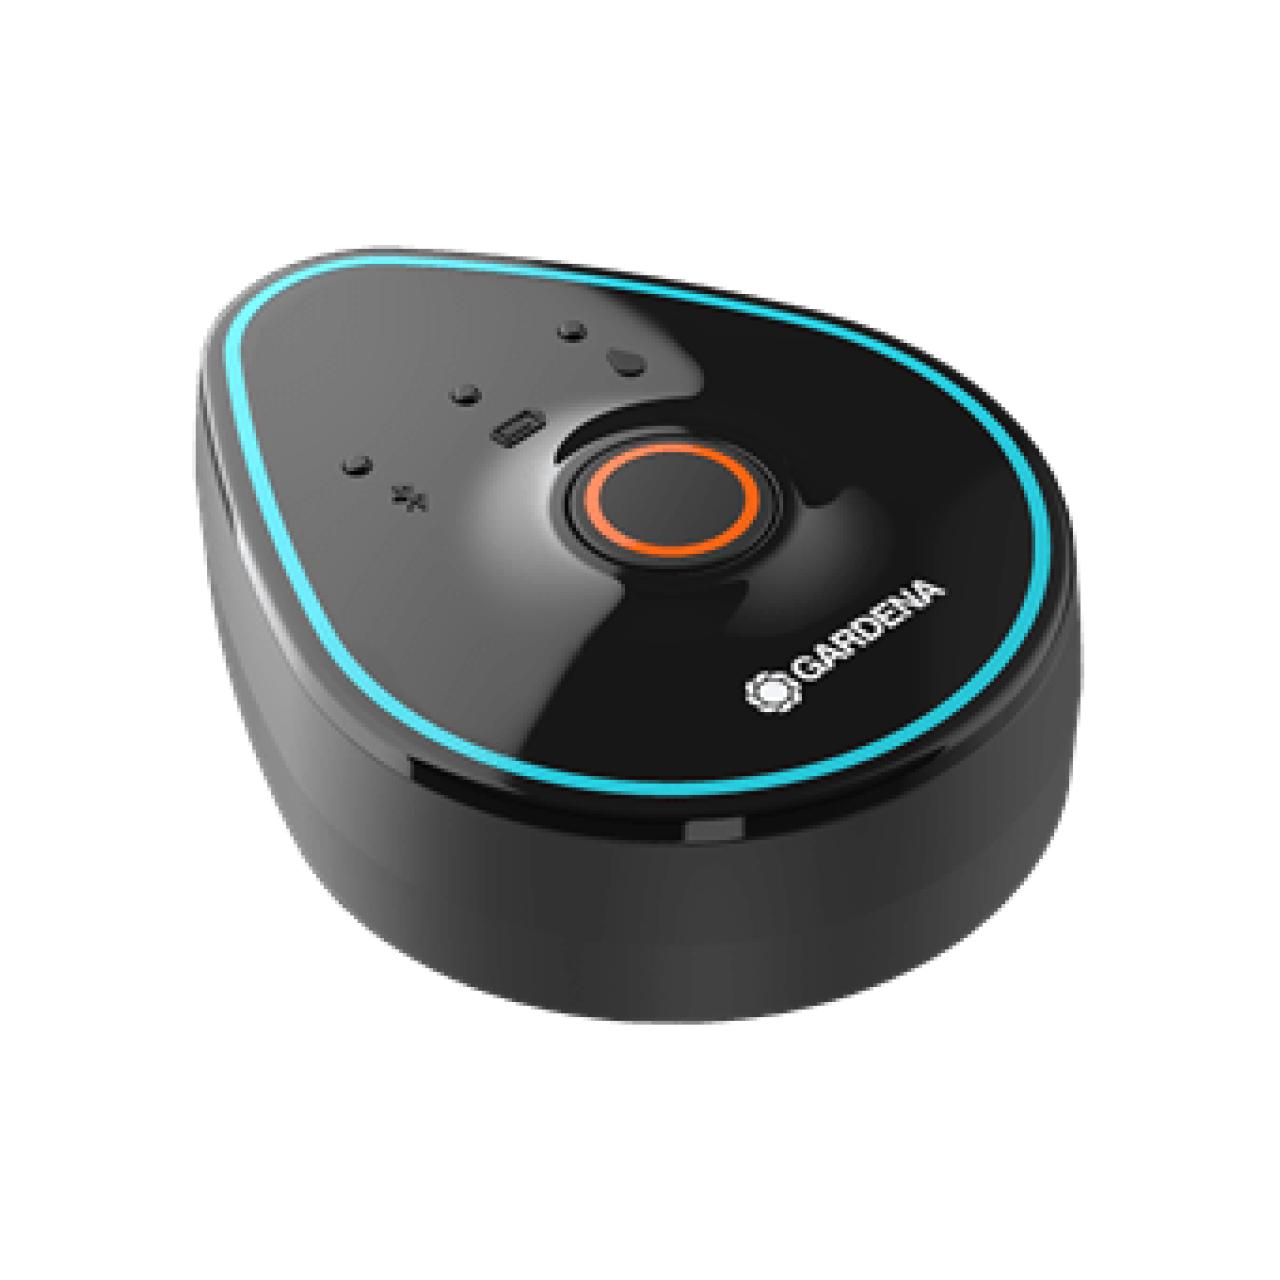 Steuerteil 9 V Bluetooth